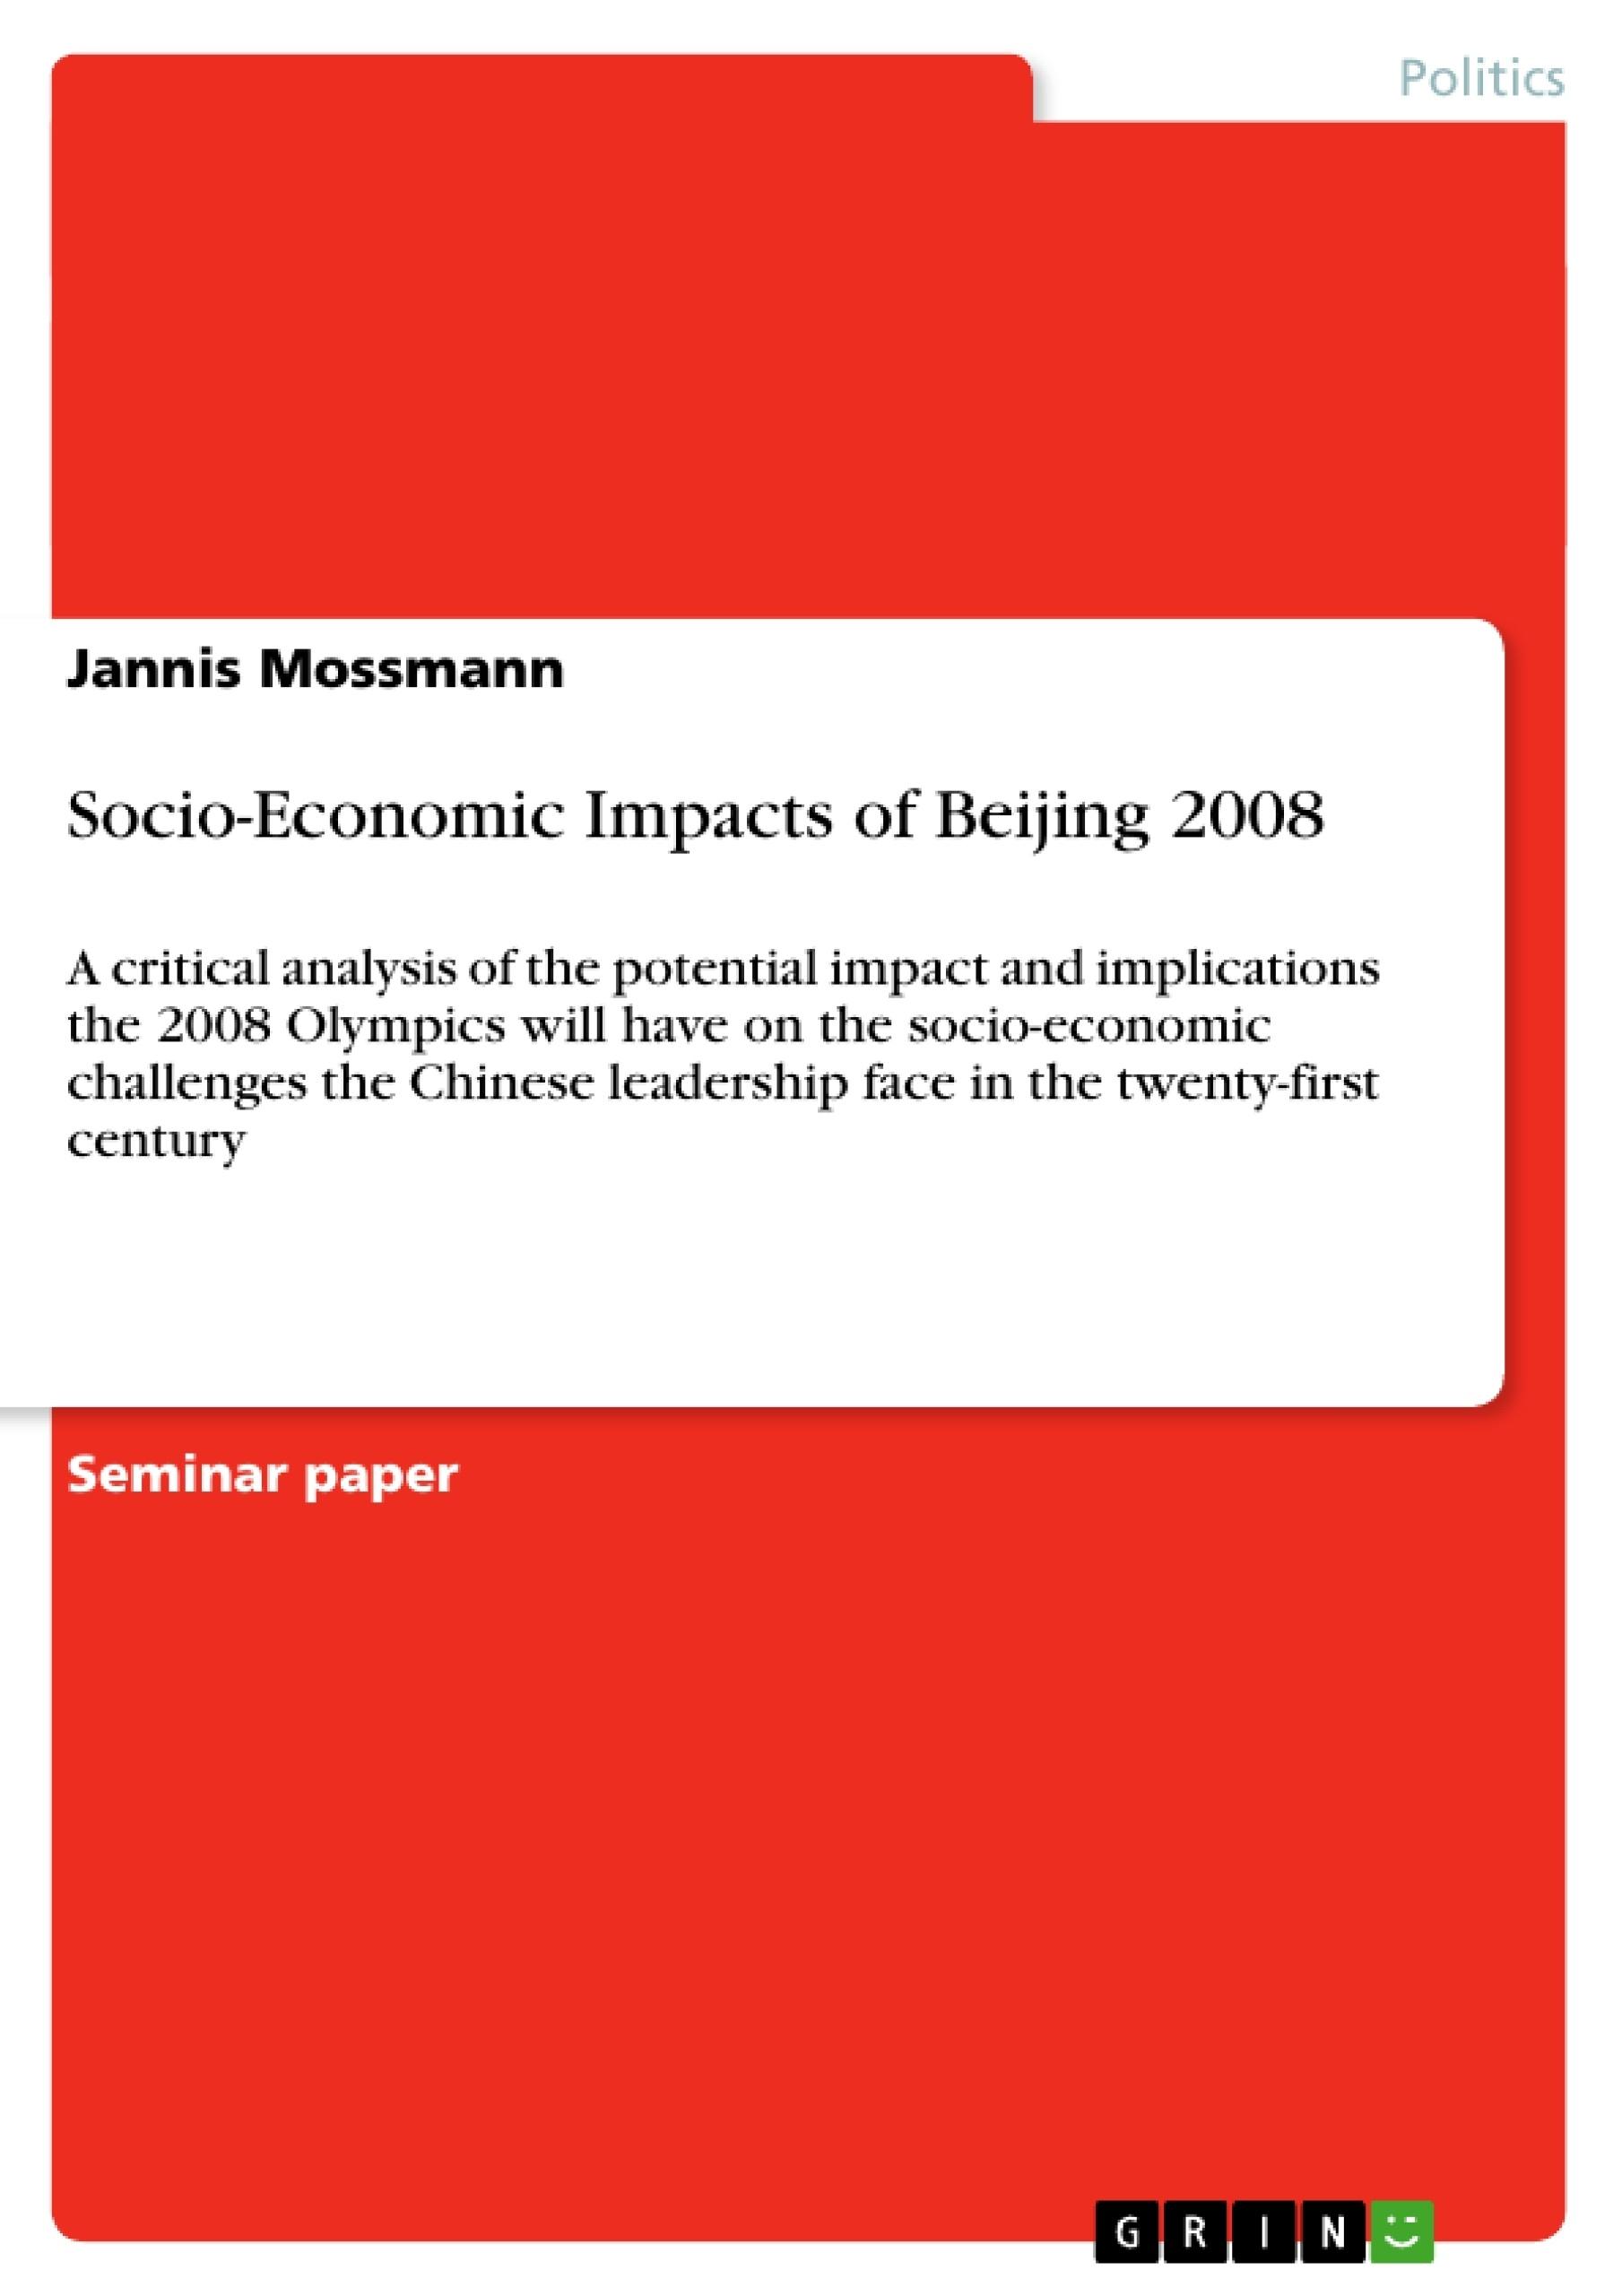 Title: Socio-Economic Impacts of Beijing 2008